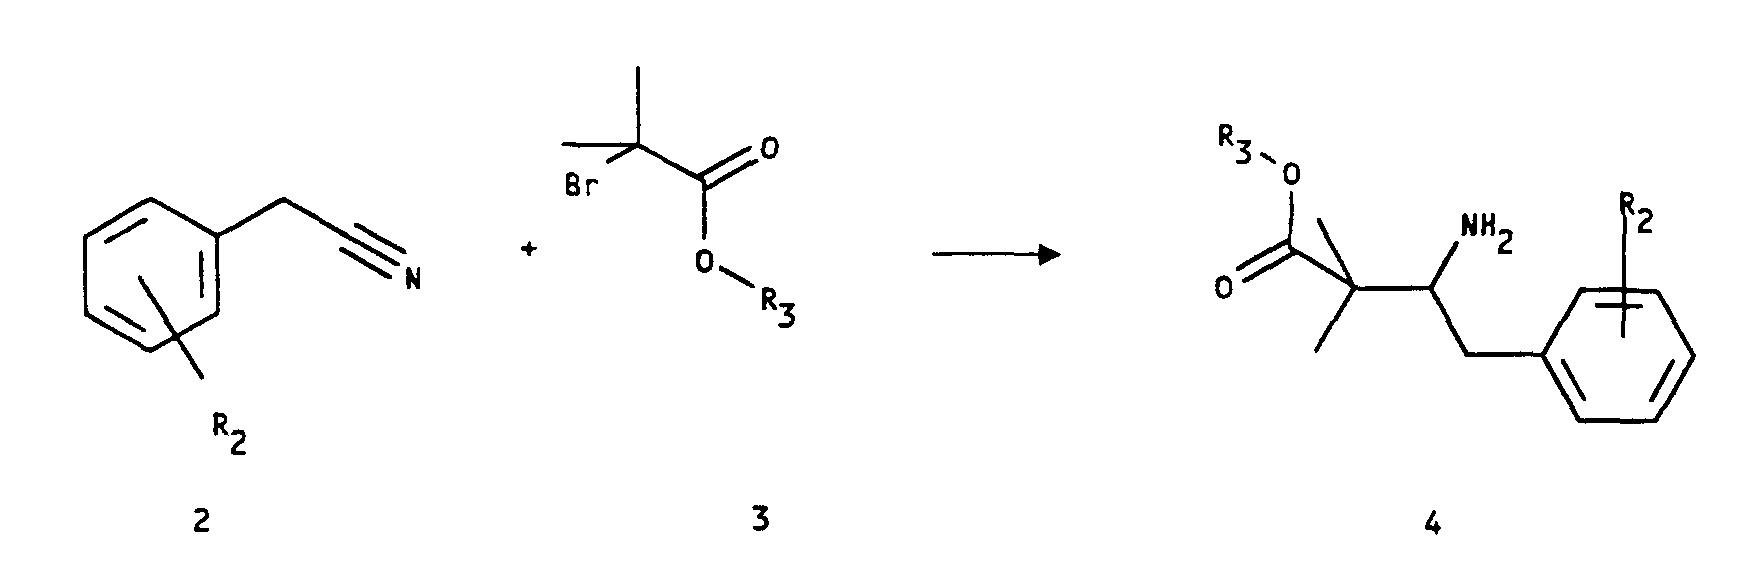 Ep0842153b1 Verfahren Zur Herstellung Von Norbenzomorphan